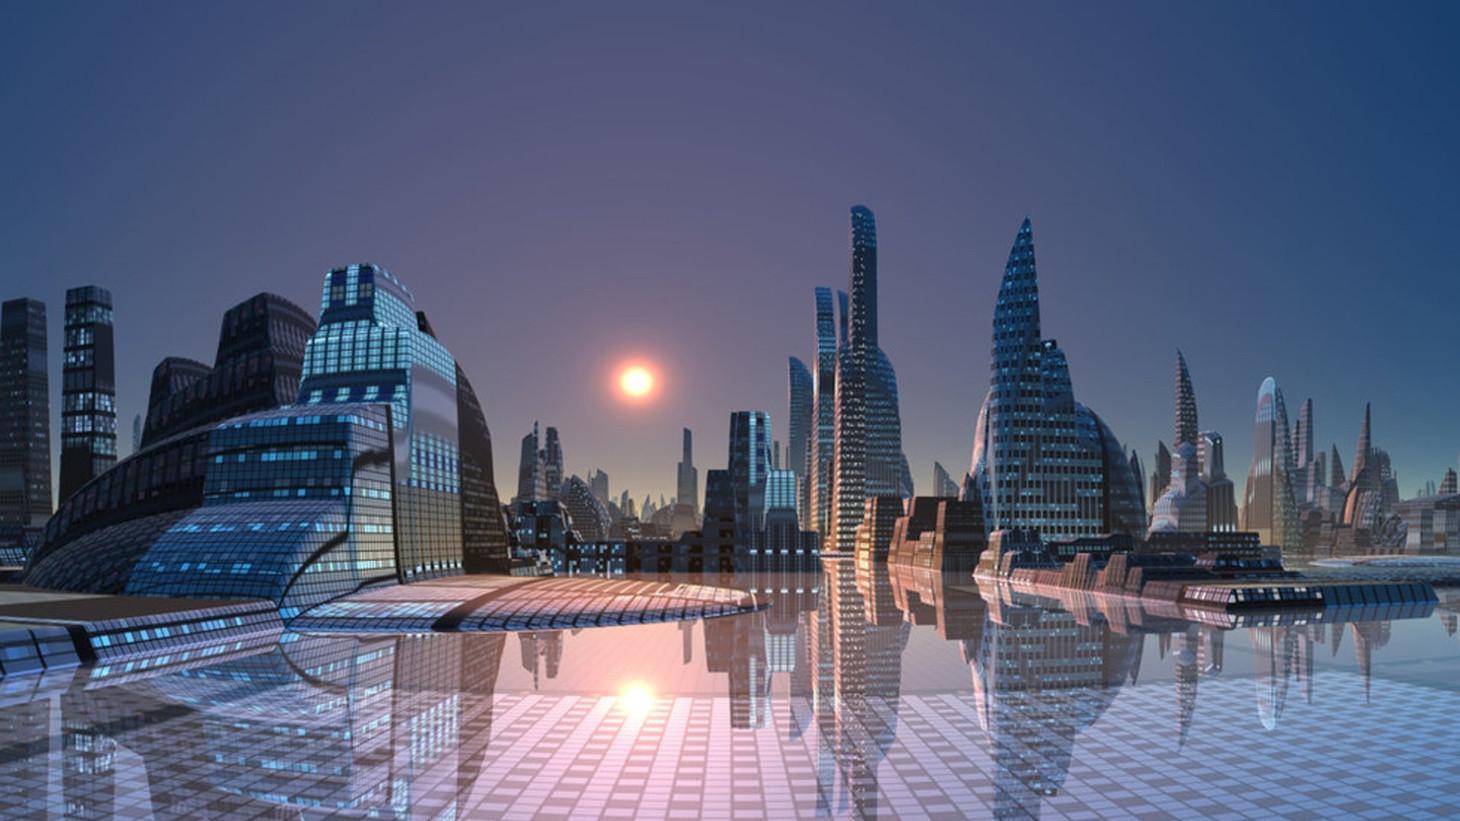 من المتوقع أن تكون نيوم مدينة المستقبل التي تبلغ تكلفتها 500 مليار دولار © Neom